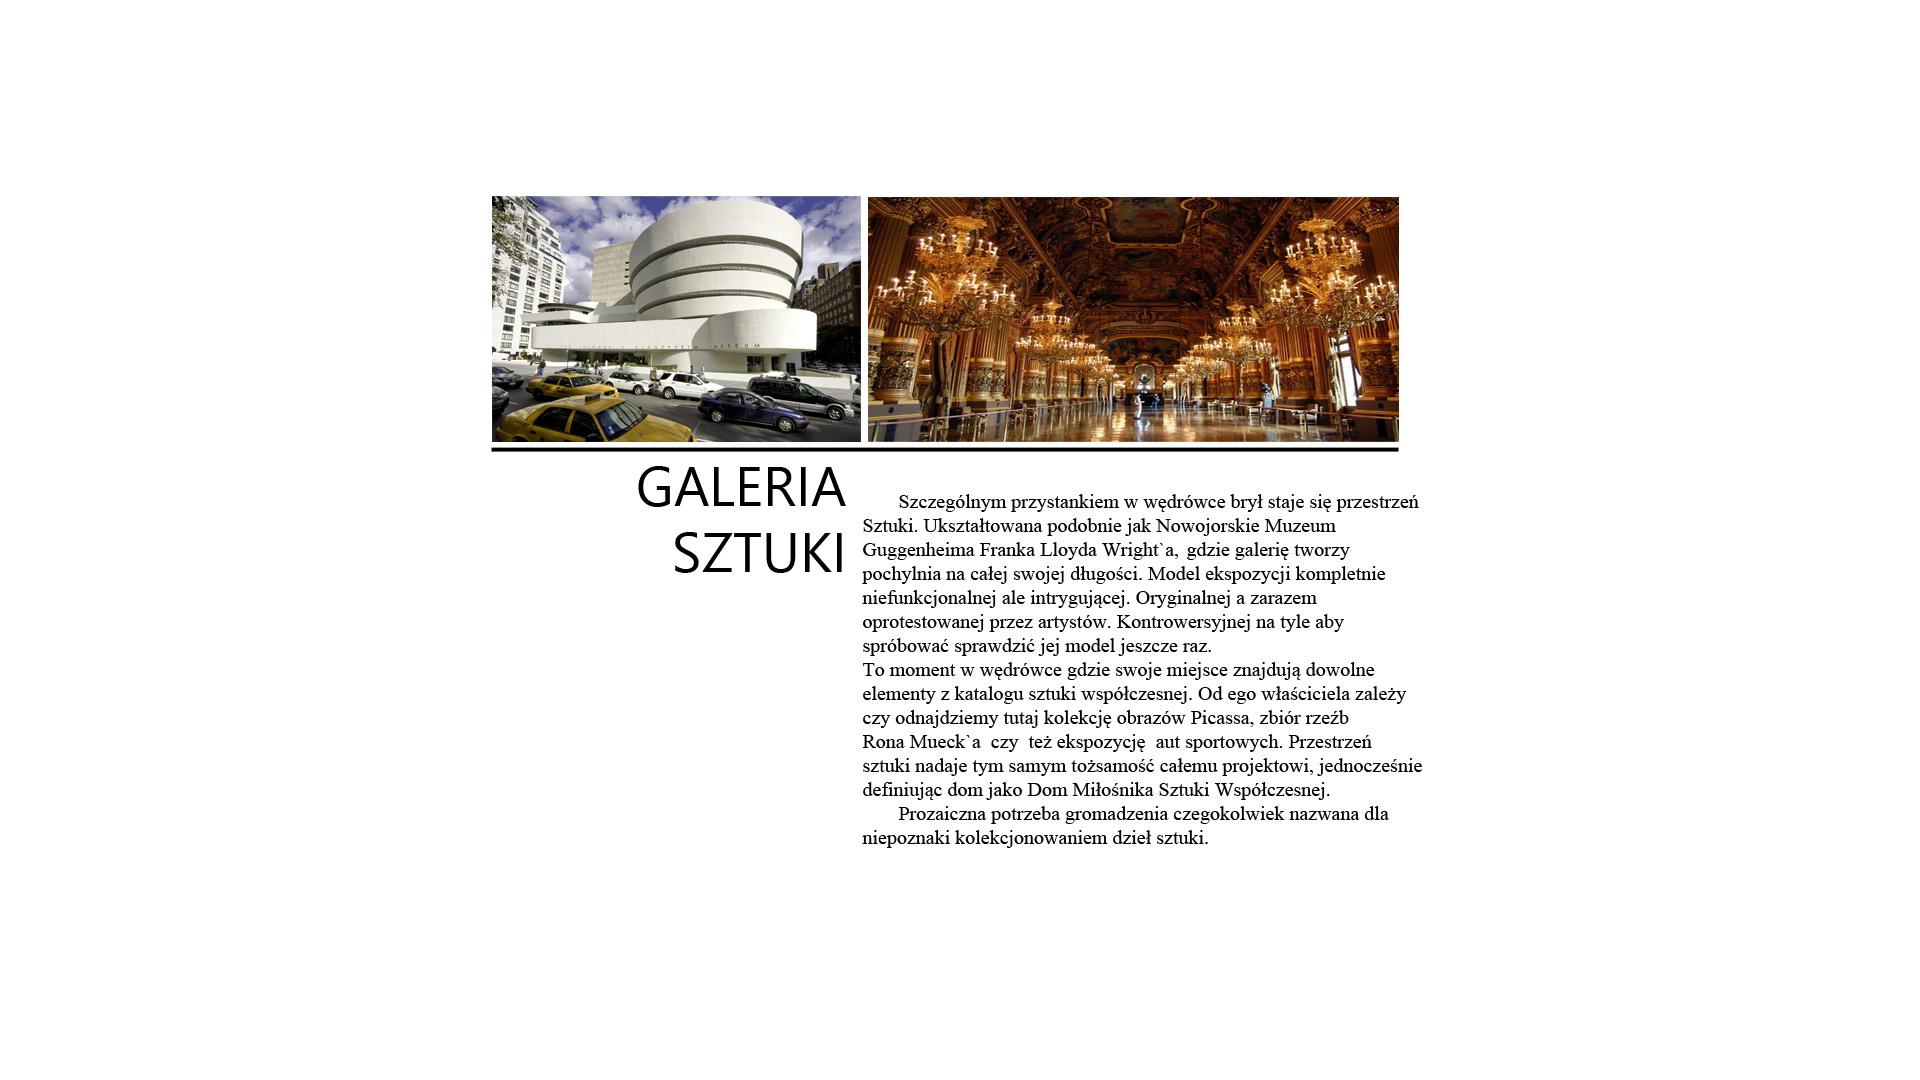 Spiral House - galeria sztuki - opis